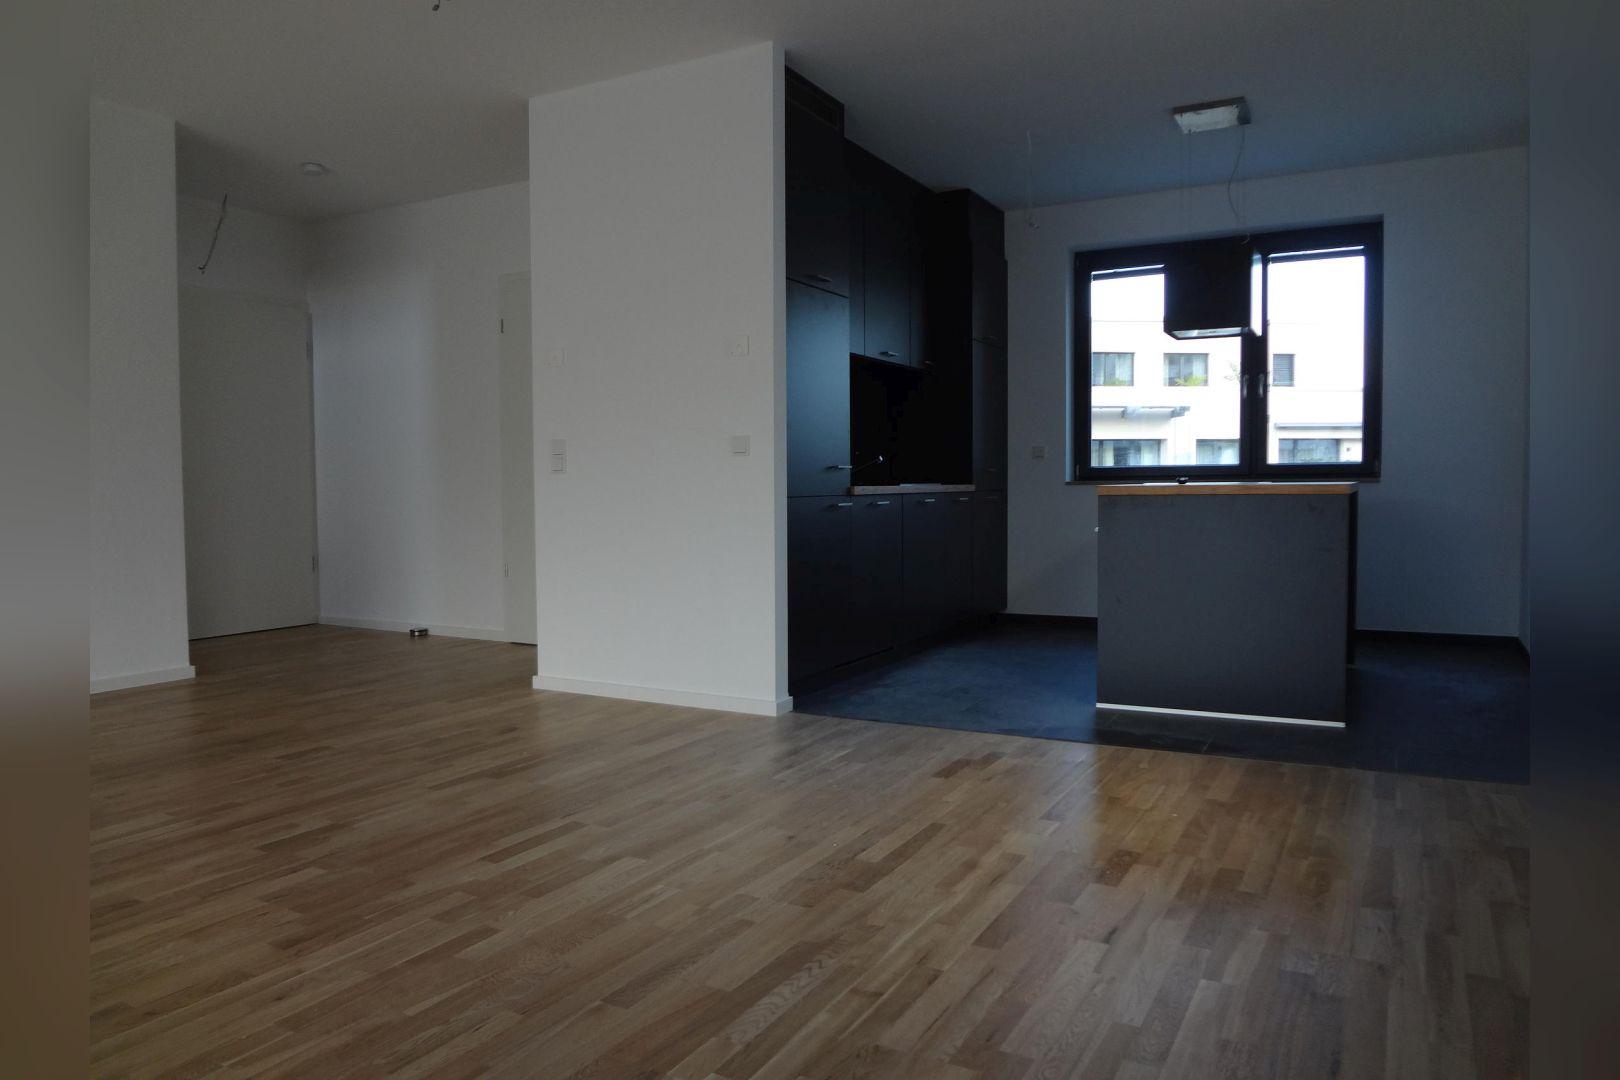 Immobilie Nr.0285 - 3-Zimmer-Maisonettewohnung mit Dachterrasse und TG-Stellplatz - Bild 14.jpg